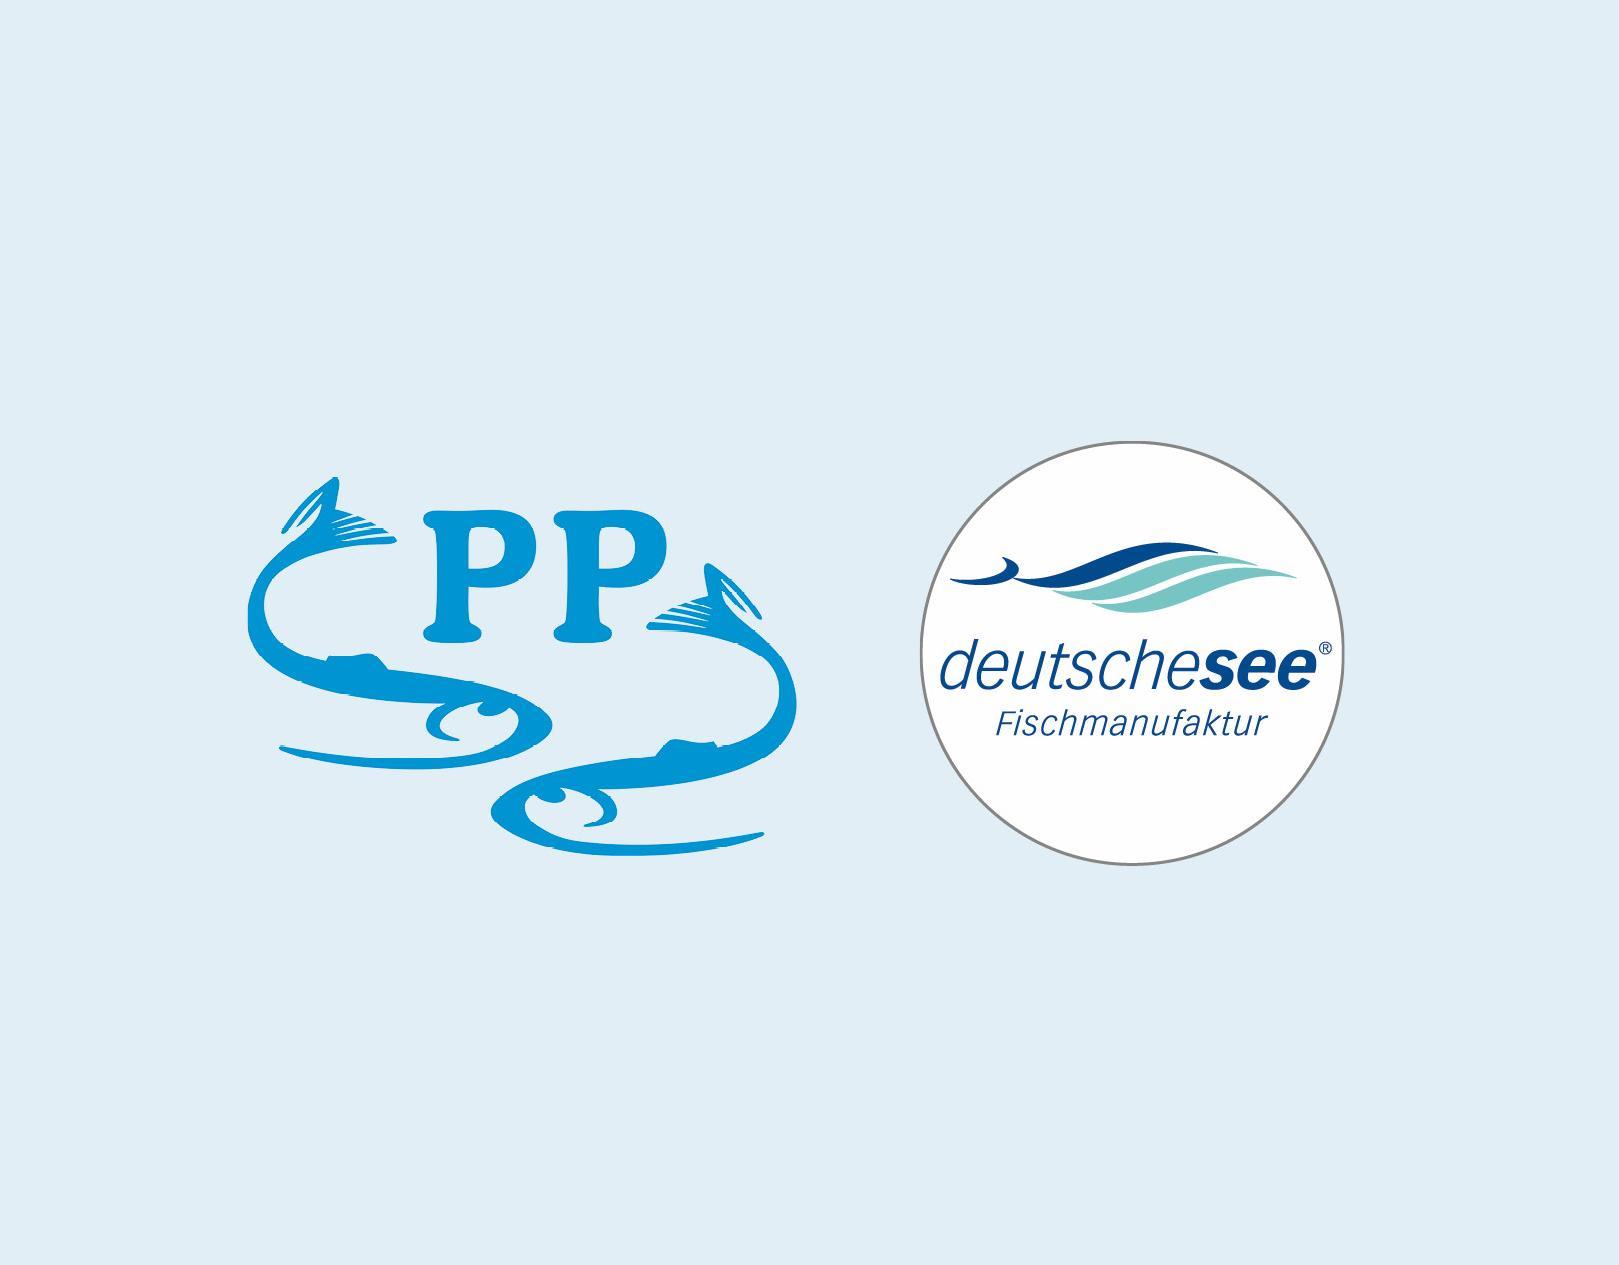 Parlevliet & Van der Plas übernimmt Deutsche See